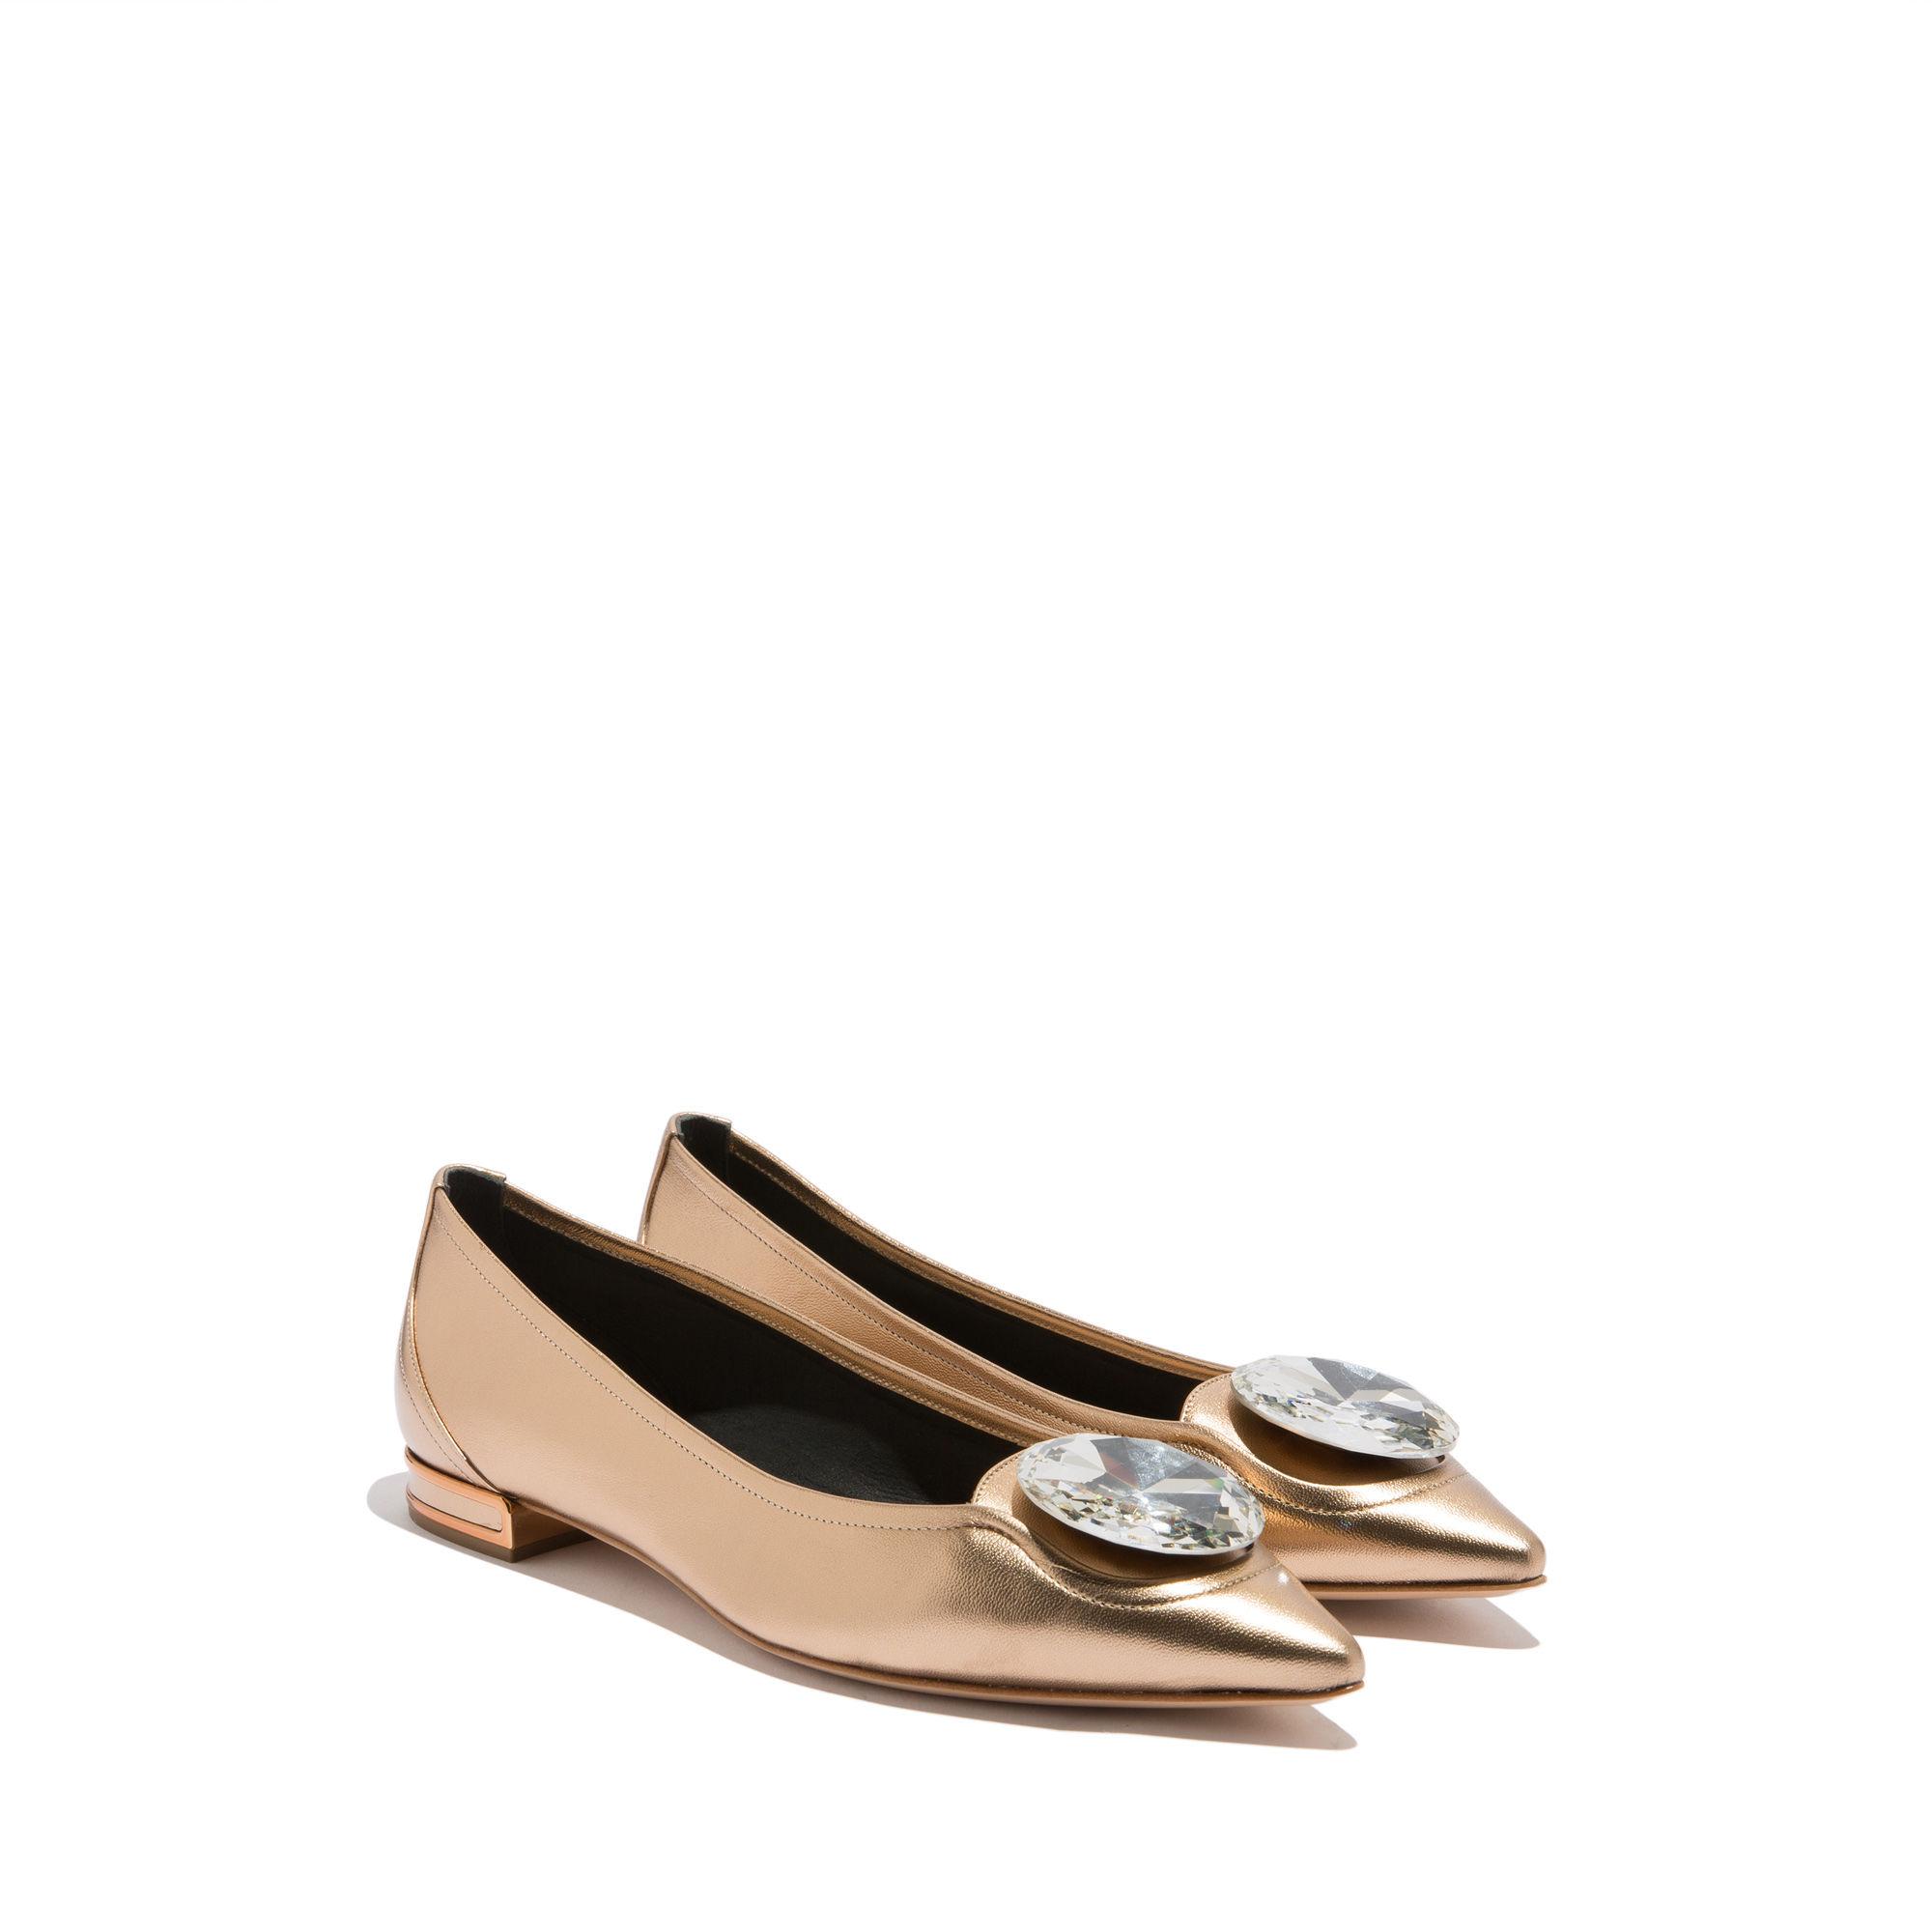 Ballerine gioiello oro Casadei